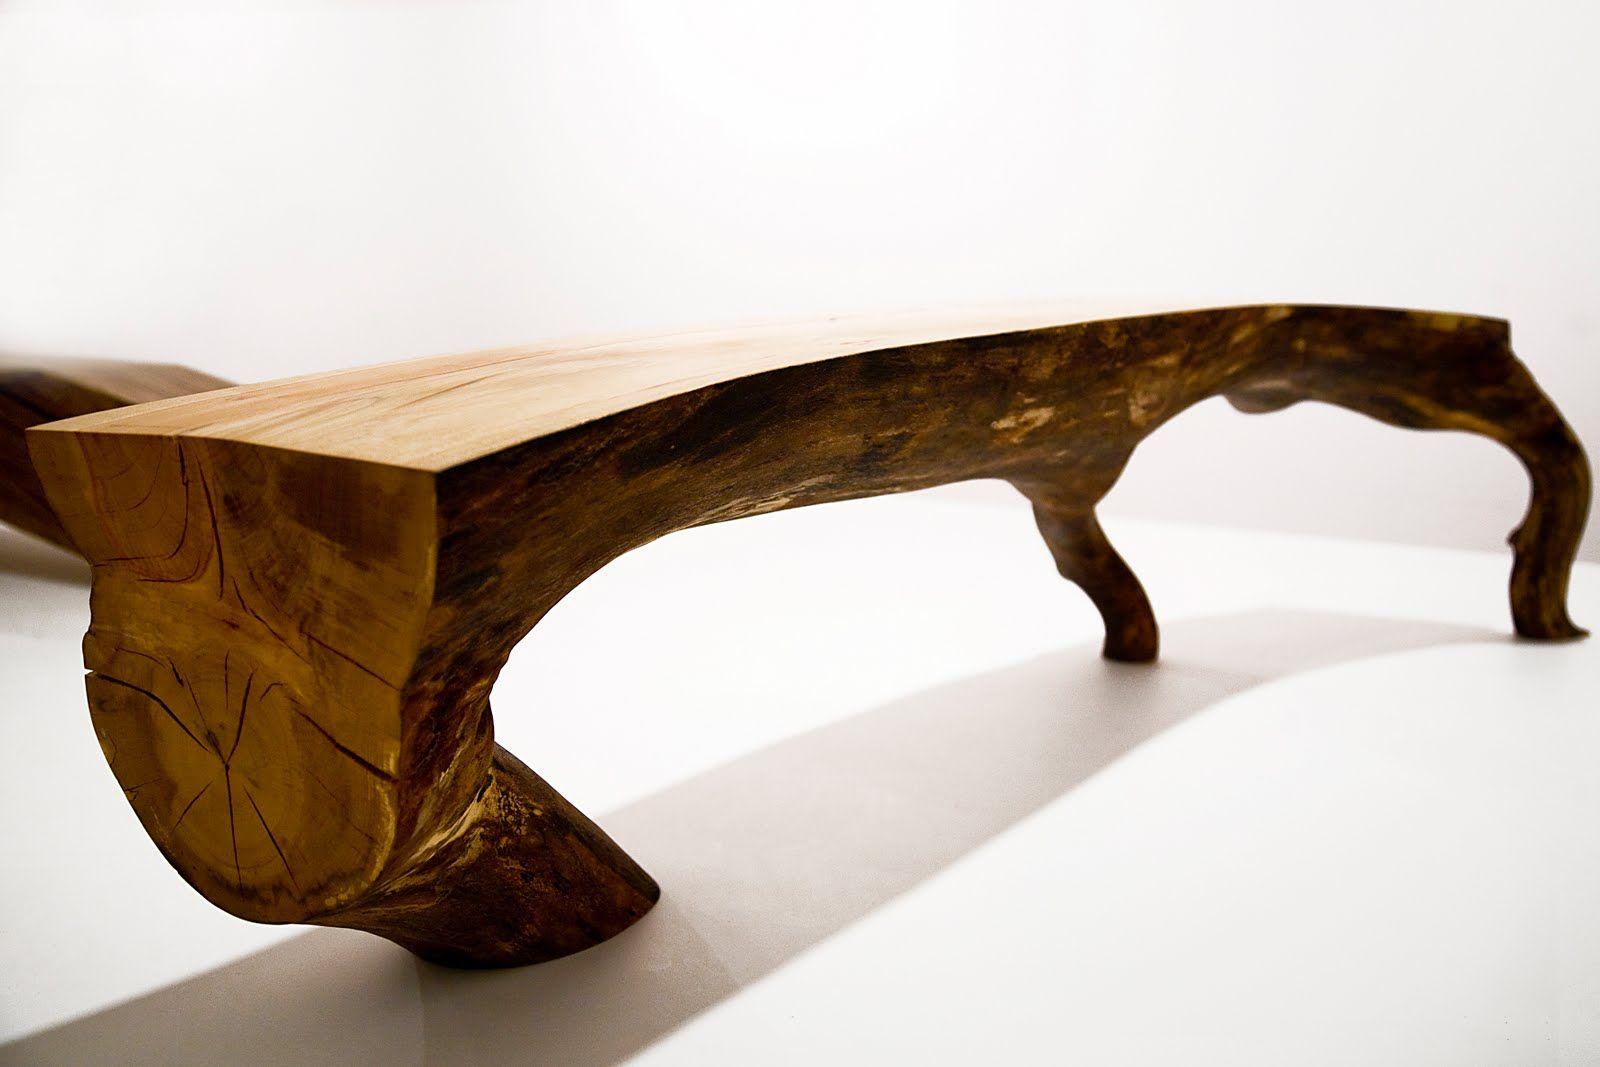 Kaspar Hamacher Bois Concept Chaises Bois Into The Wood